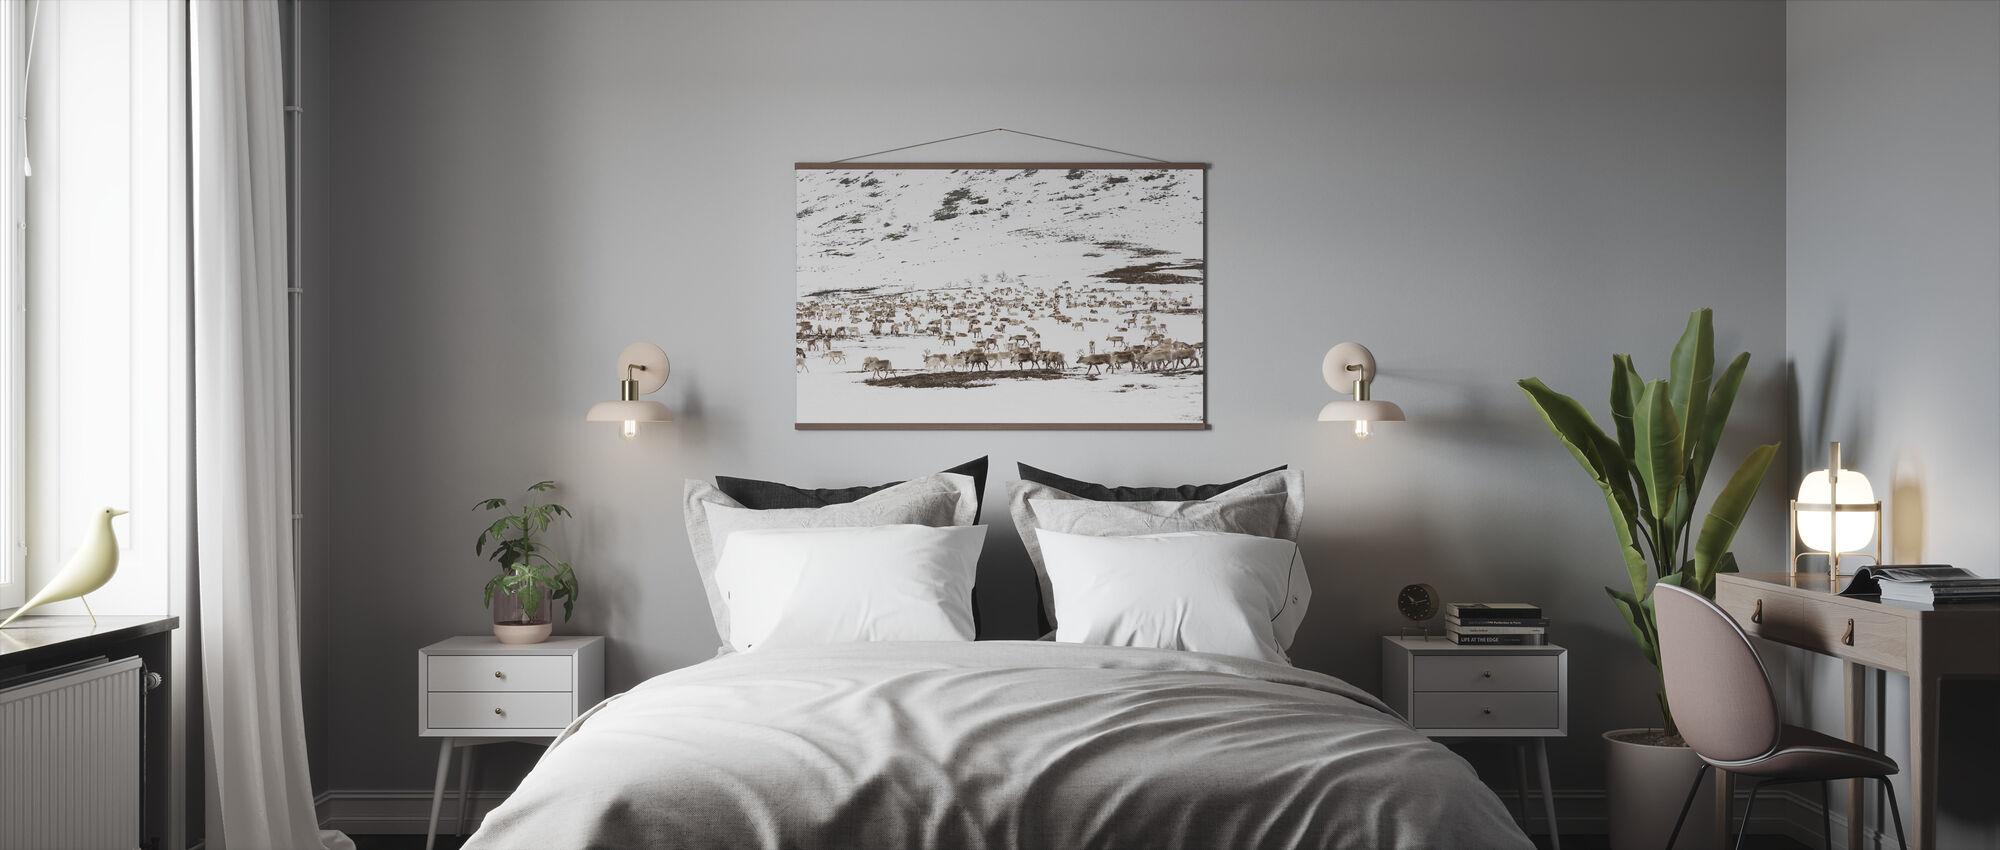 Reindeers in Winter Landscape - Poster - Bedroom